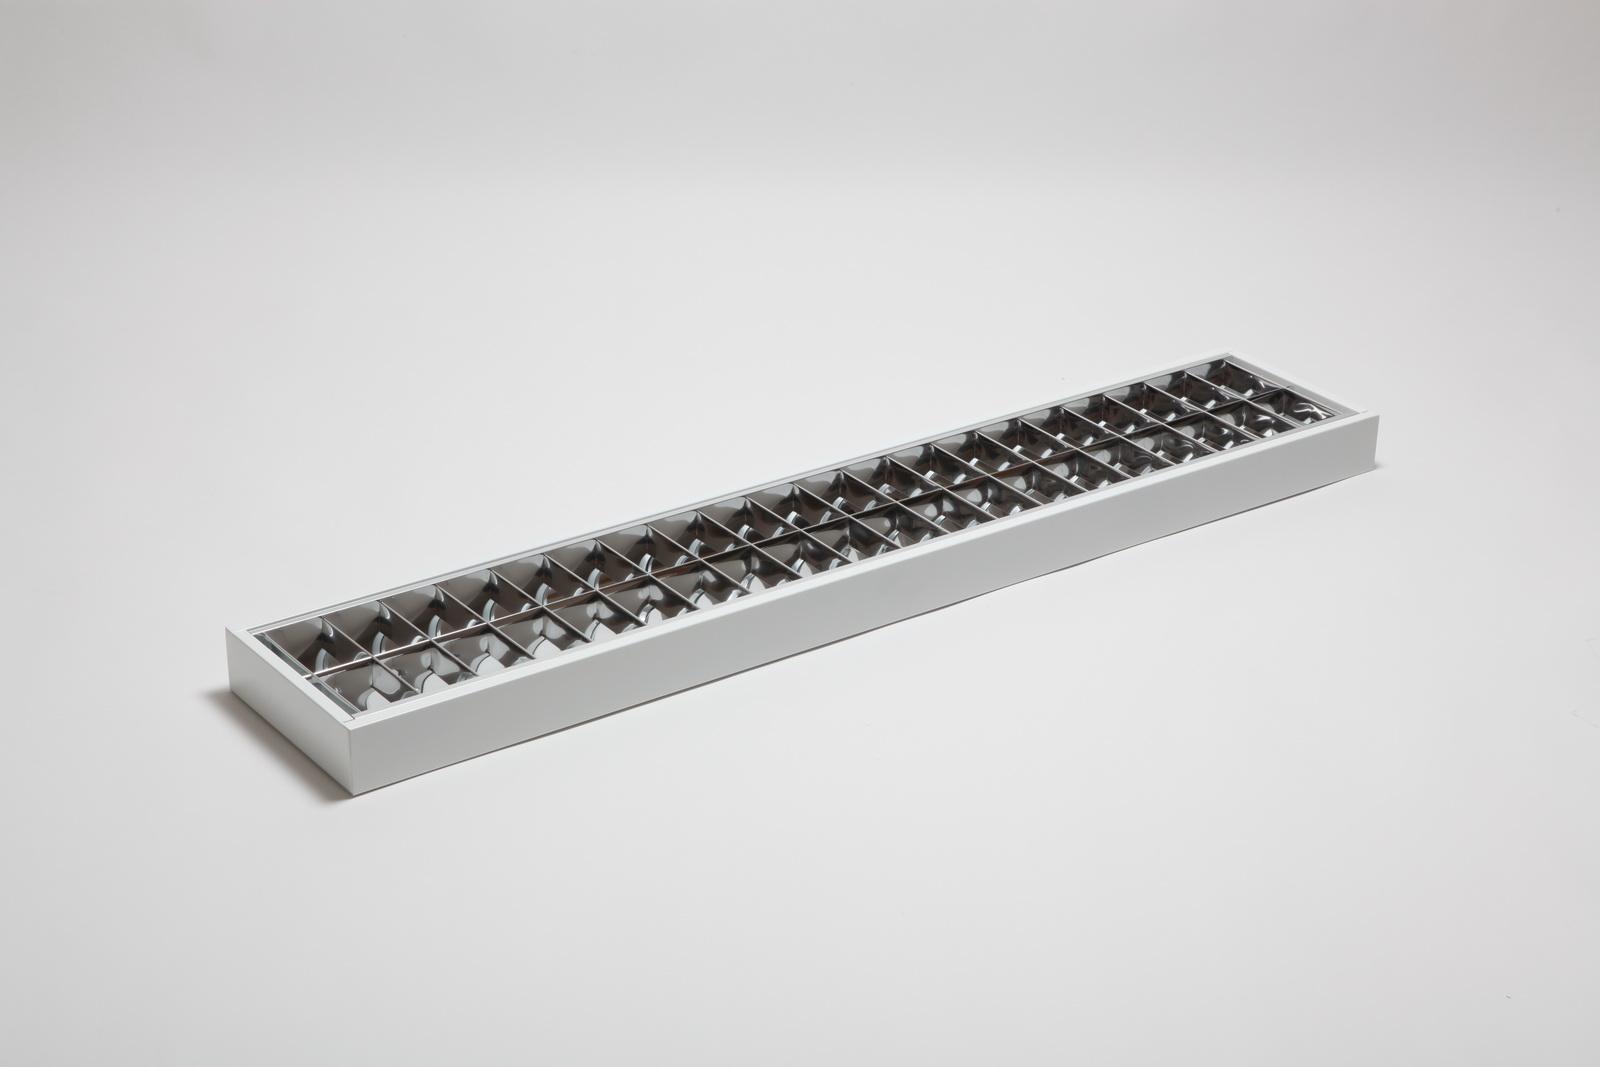 Svítidlo je vyrobeno v provedení k montáži na strop a lze jej použít i jako závěsné. Těleso svítidla...